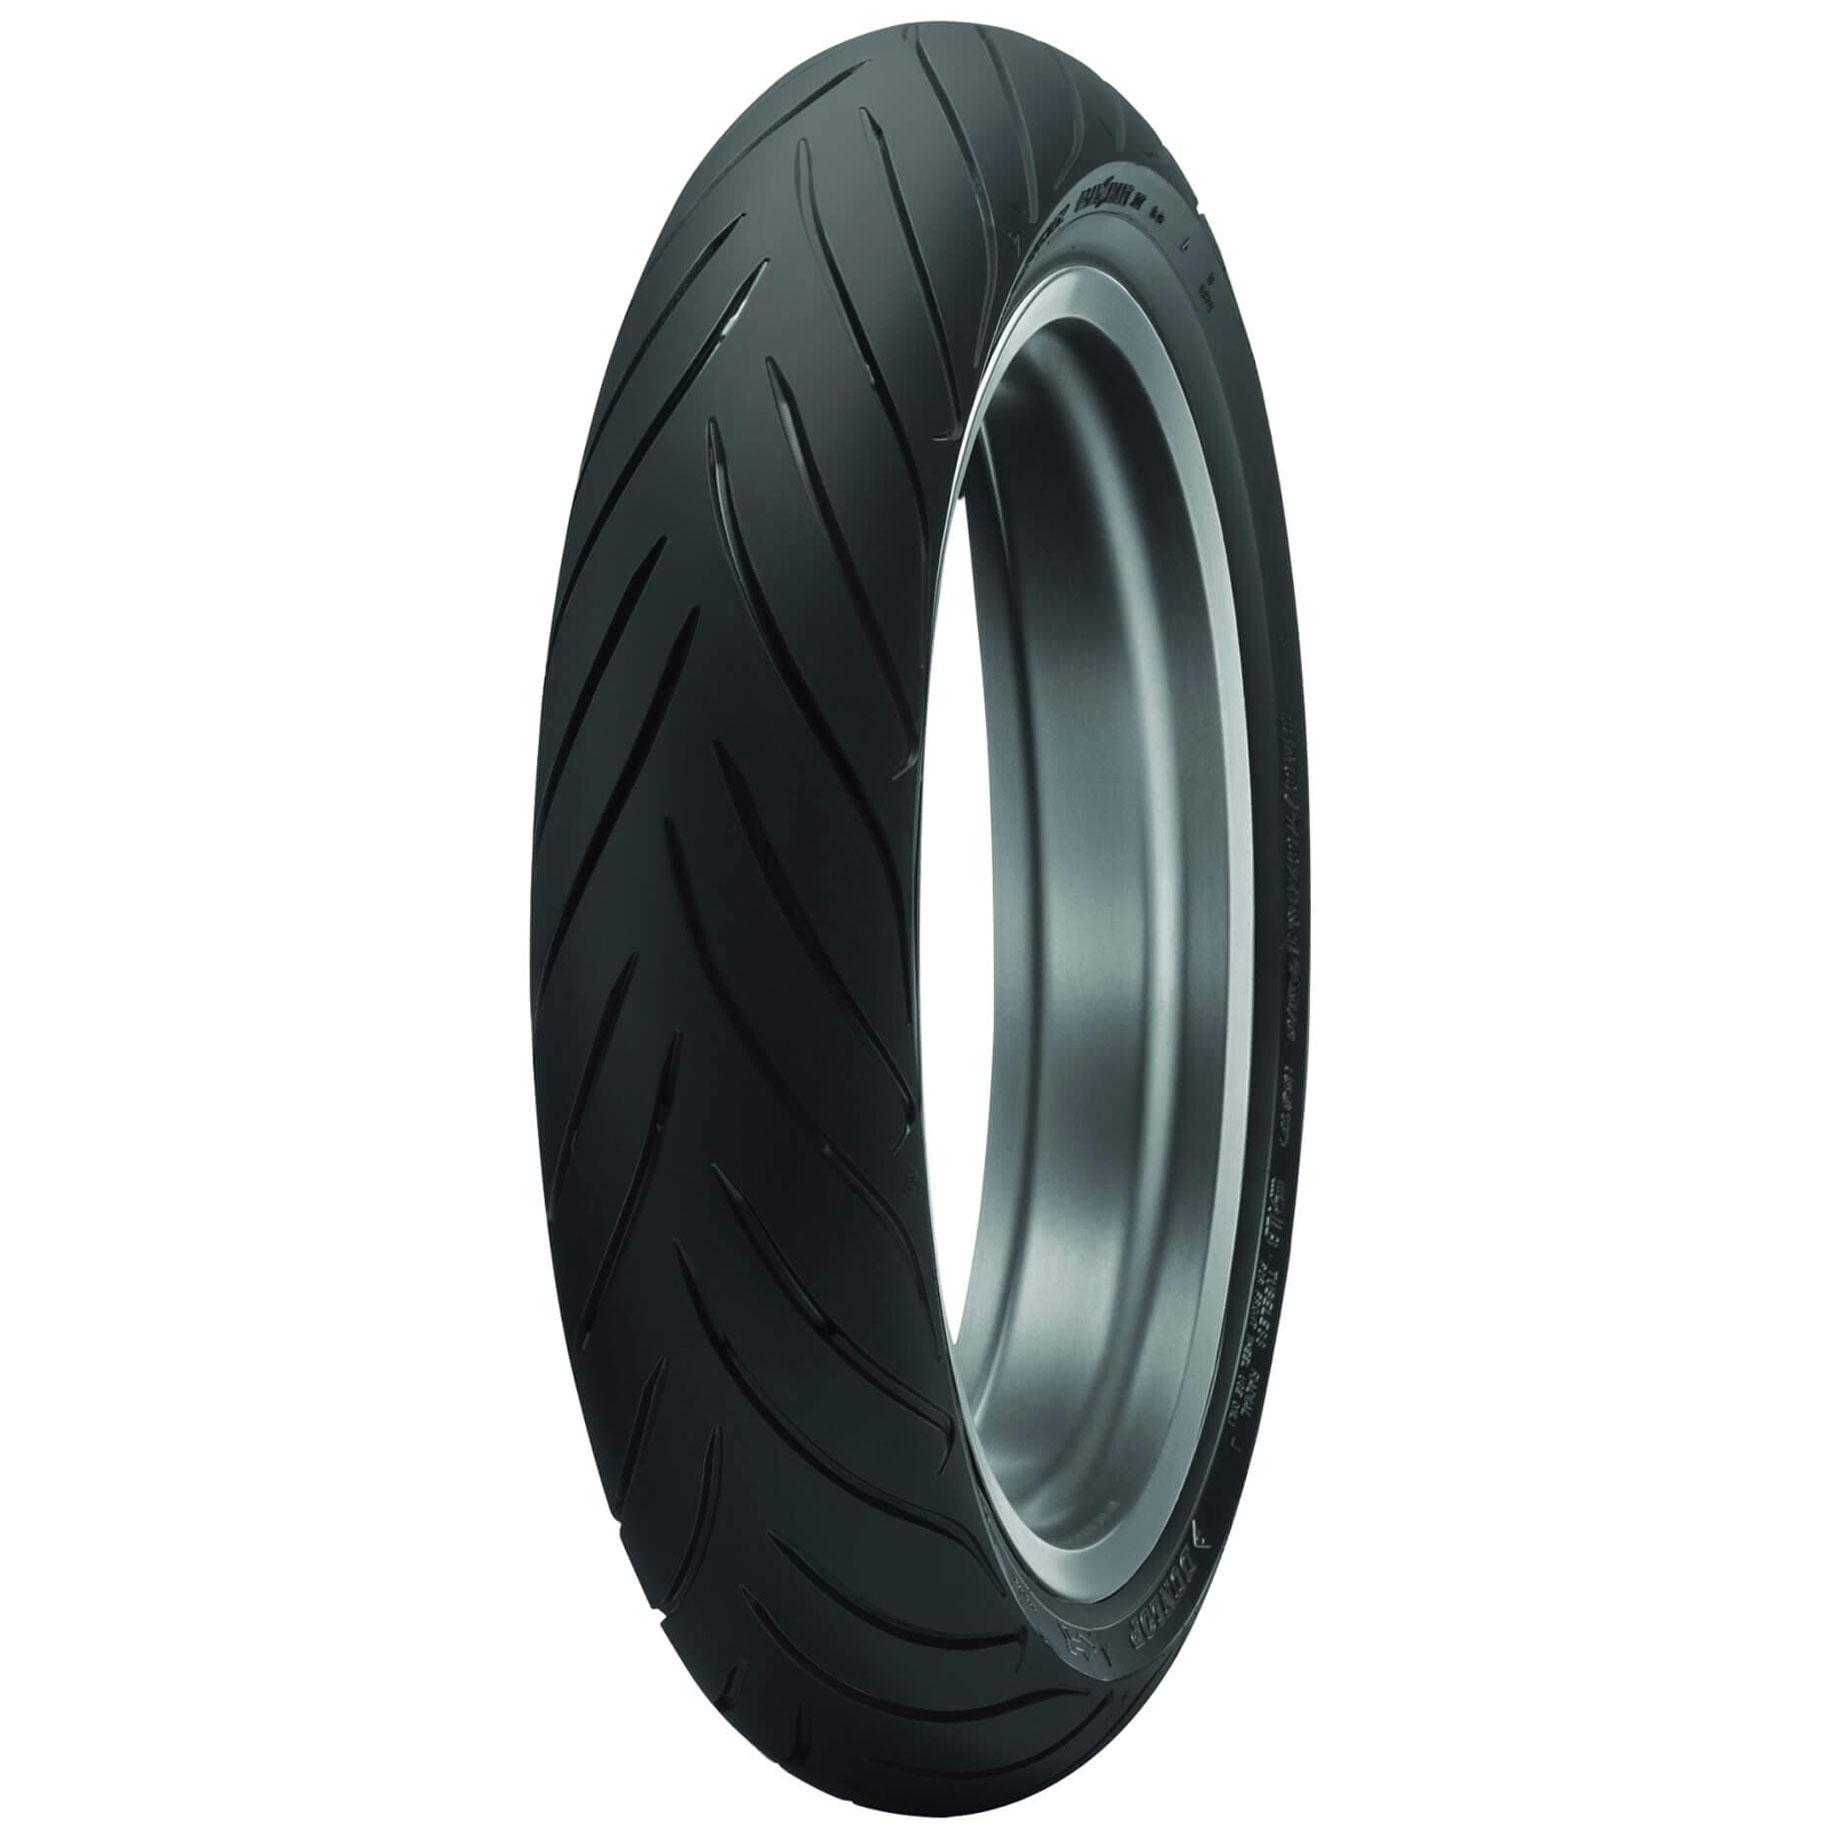 Dunlop Roadsmart II 120/70ZR18 Front Tire